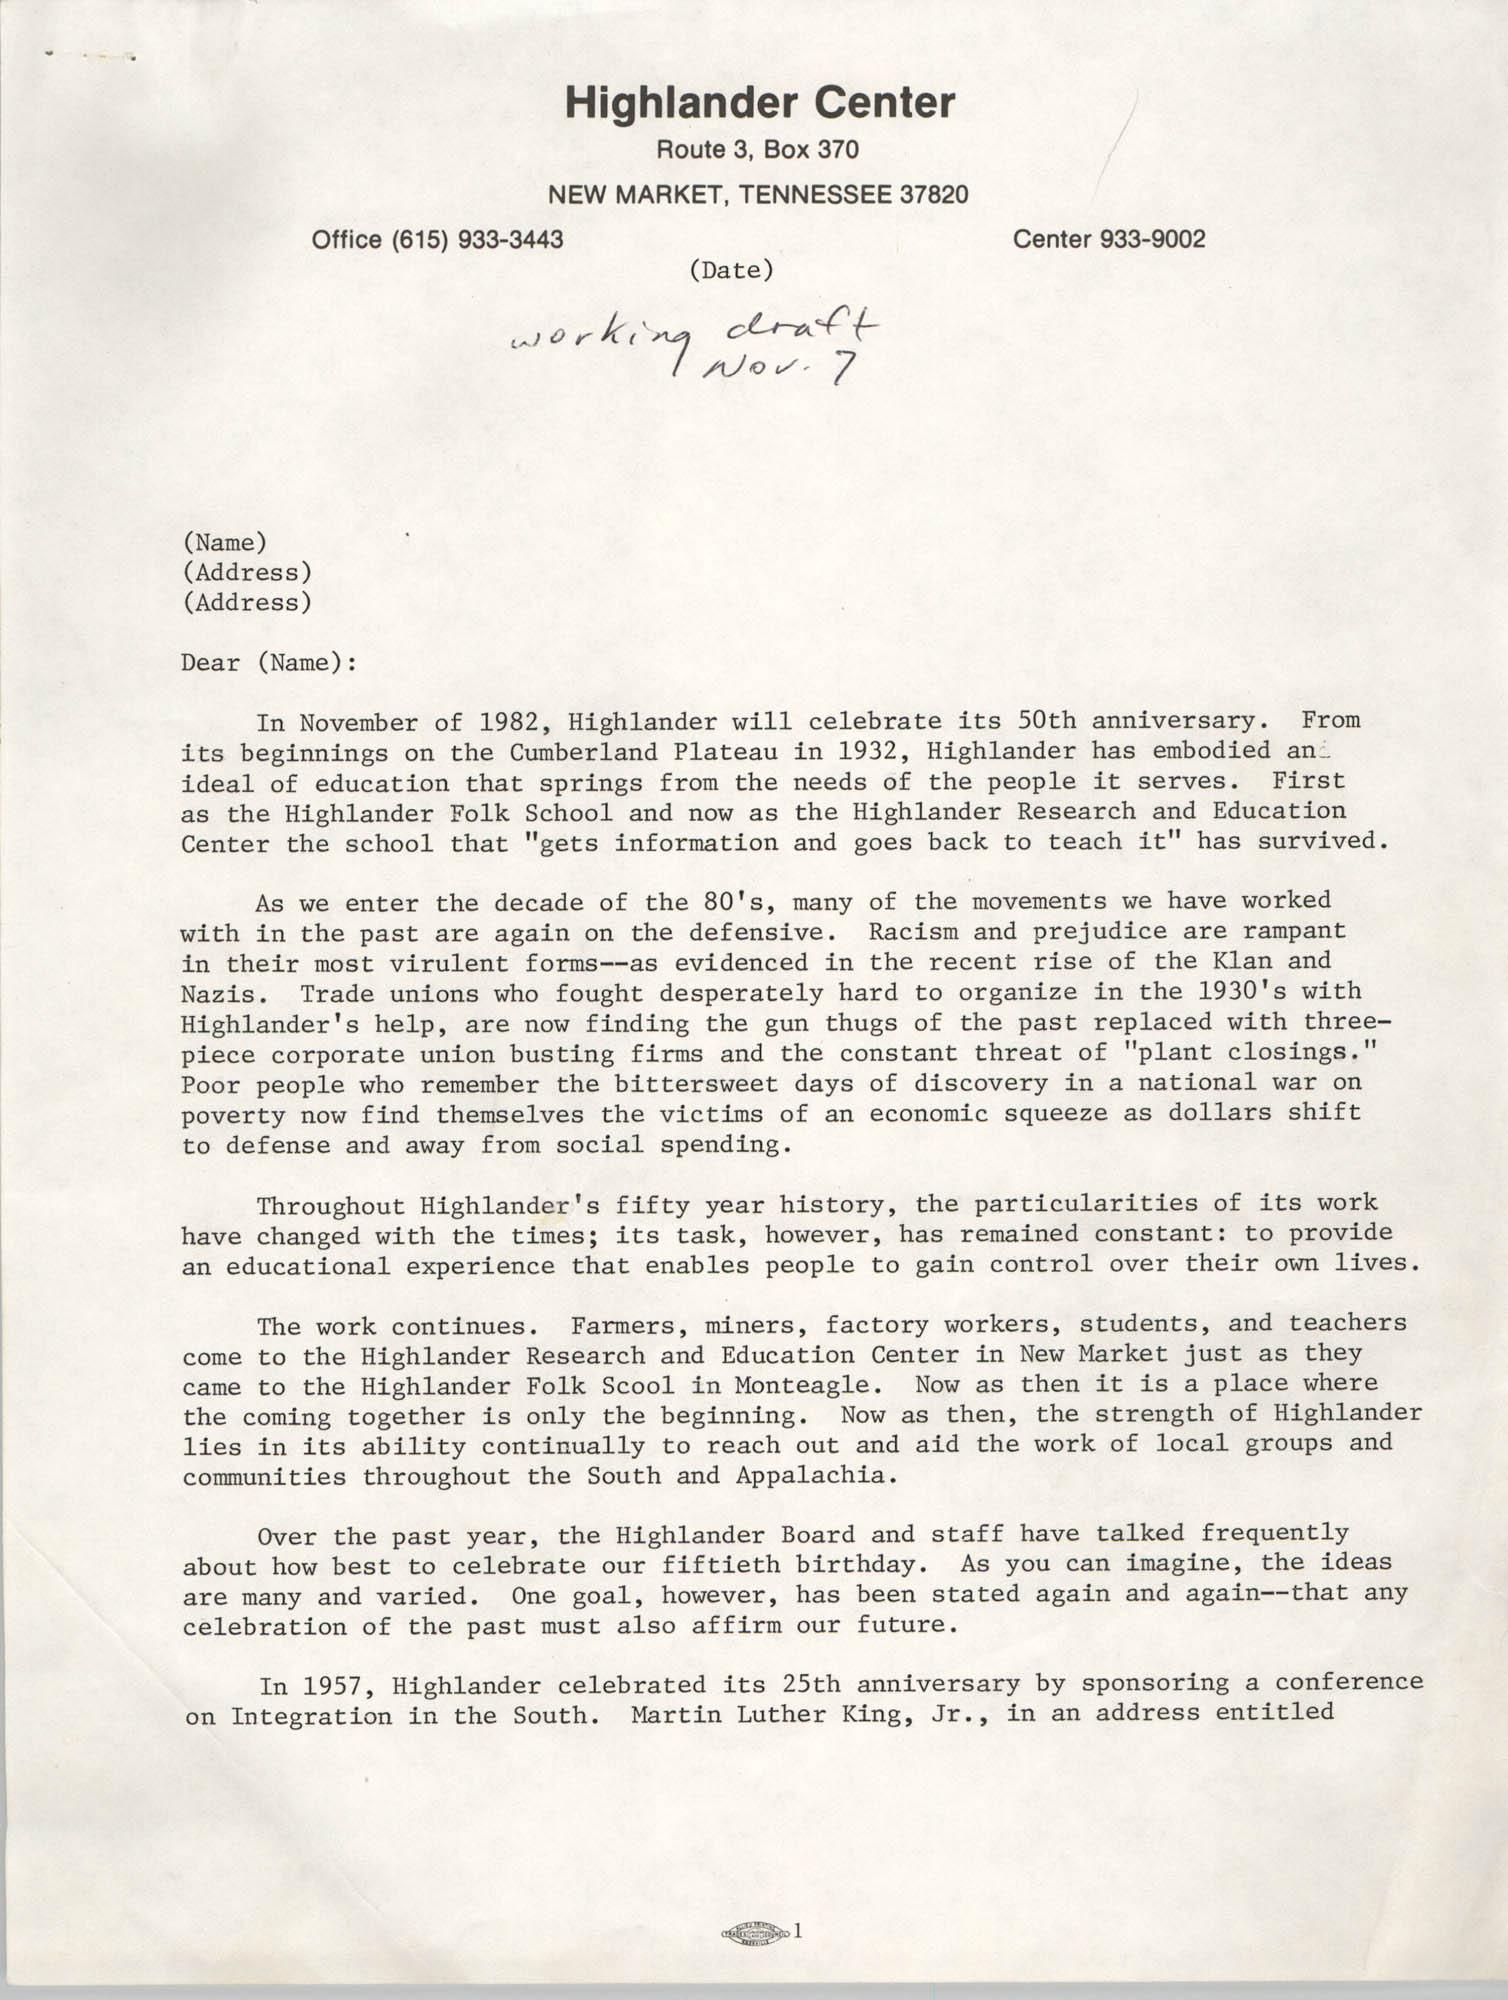 Highlander School 50th Anniversary Letter Draft, November 7, 1982